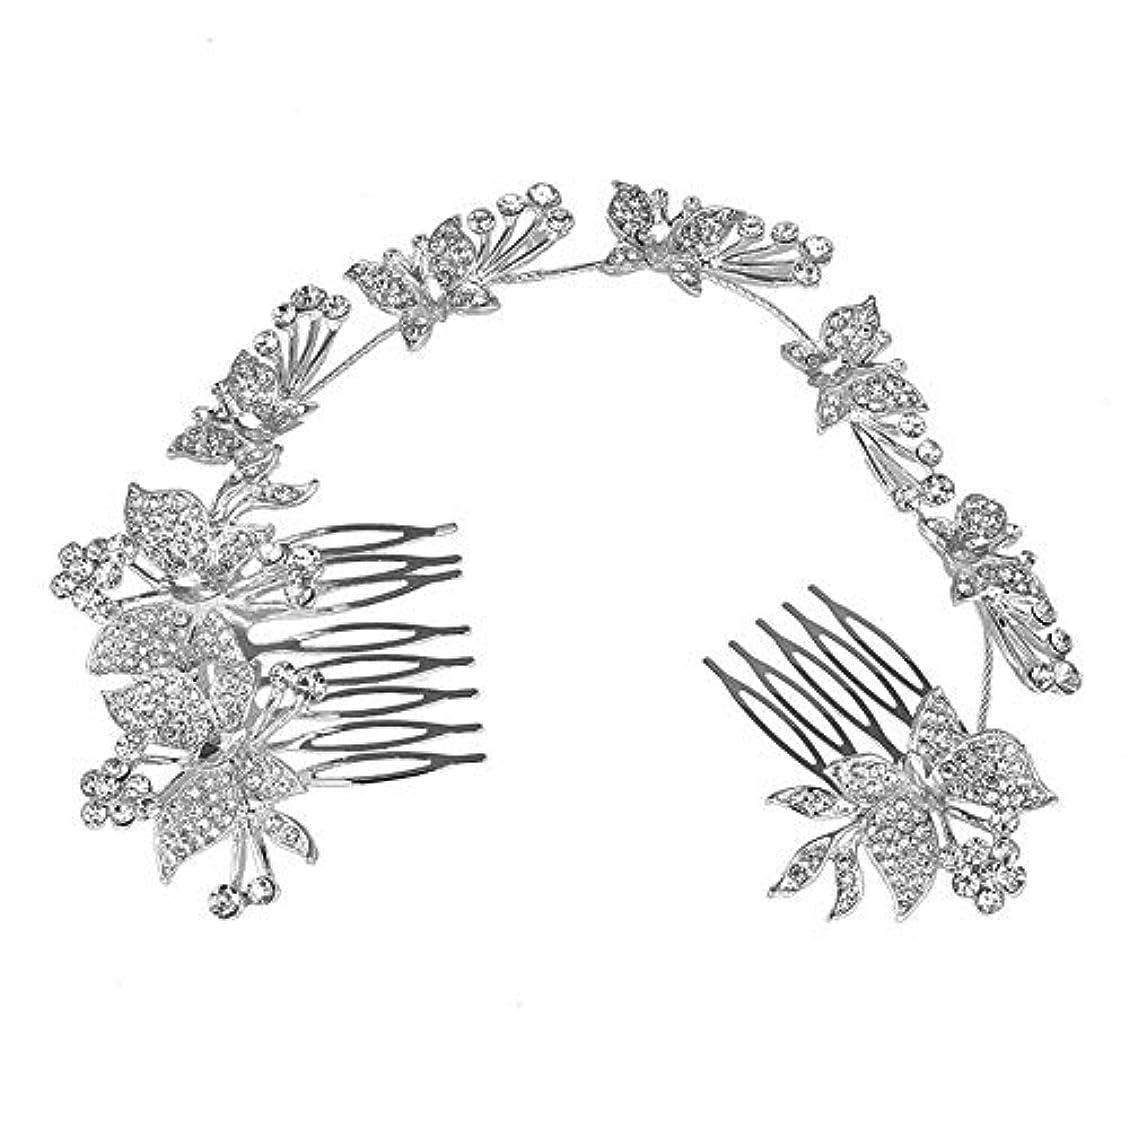 減衰タンパク質がっかりした髪の櫛、櫛、蝶、髪の櫛、ブライダル髪の櫛、結婚式の髪の櫛、ラインストーンの櫛、ヘッドギア